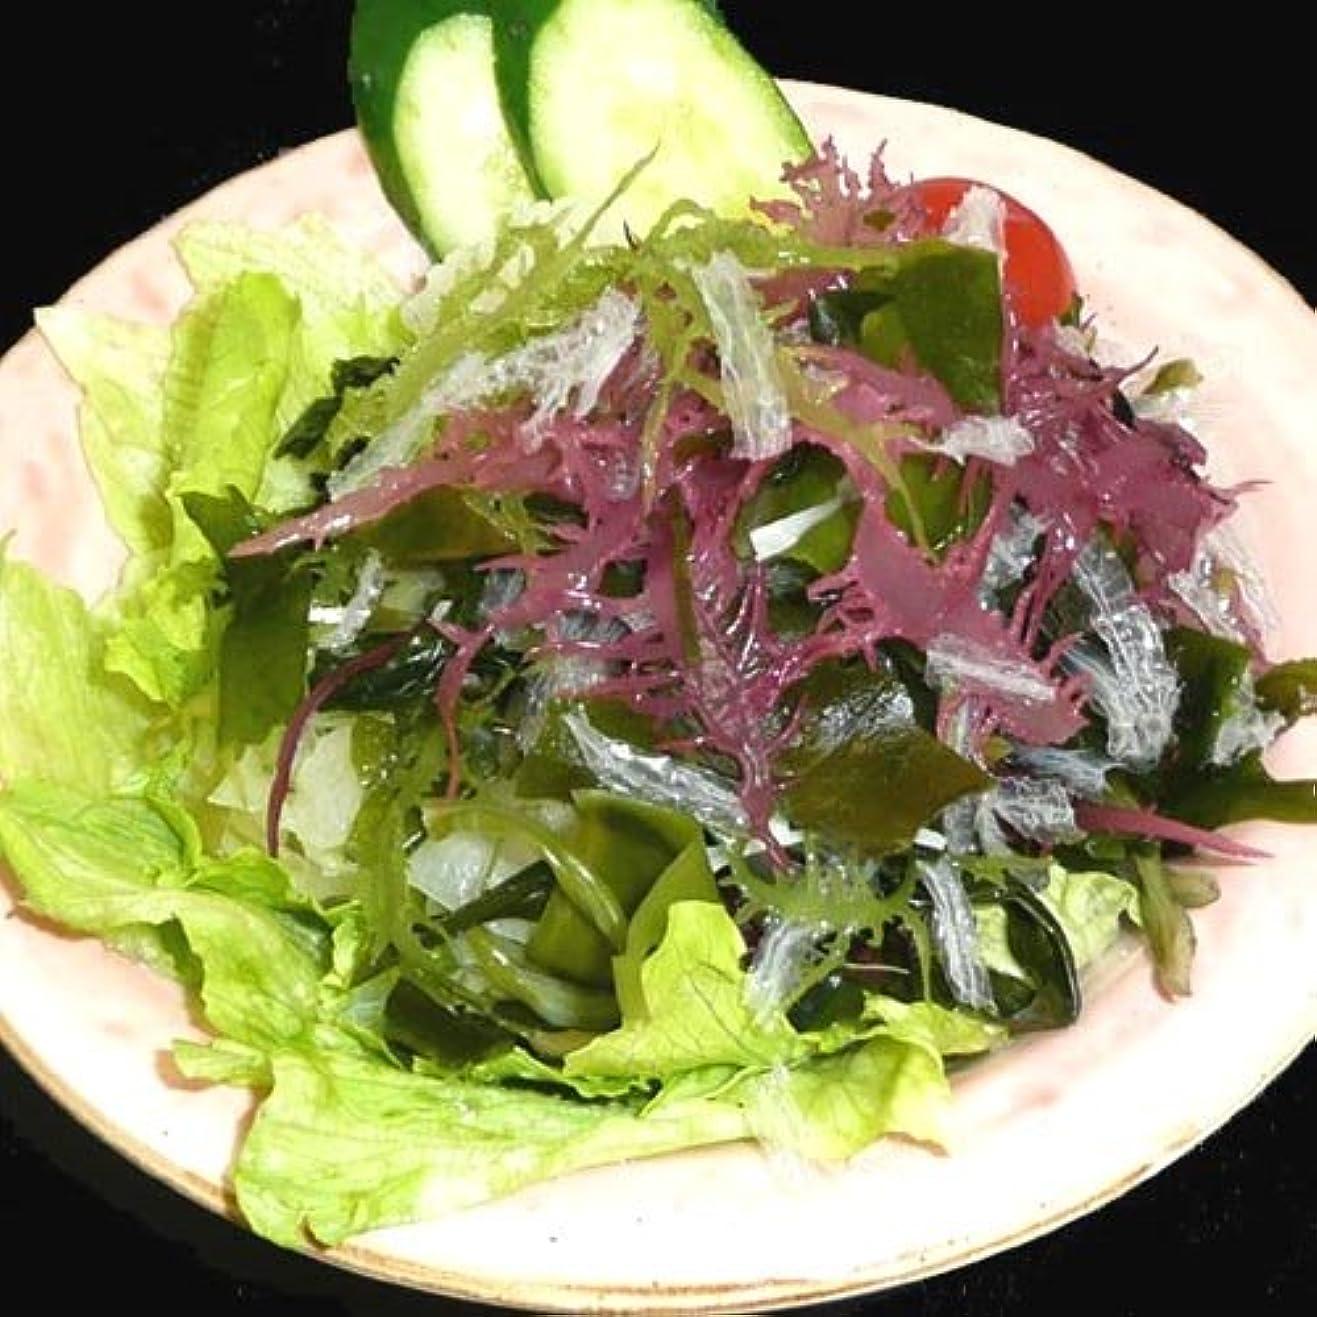 マーカー妻マニュアルサンエイオンラインショップ 業務用海藻かんてんダイエットサラダ 100g 9食分